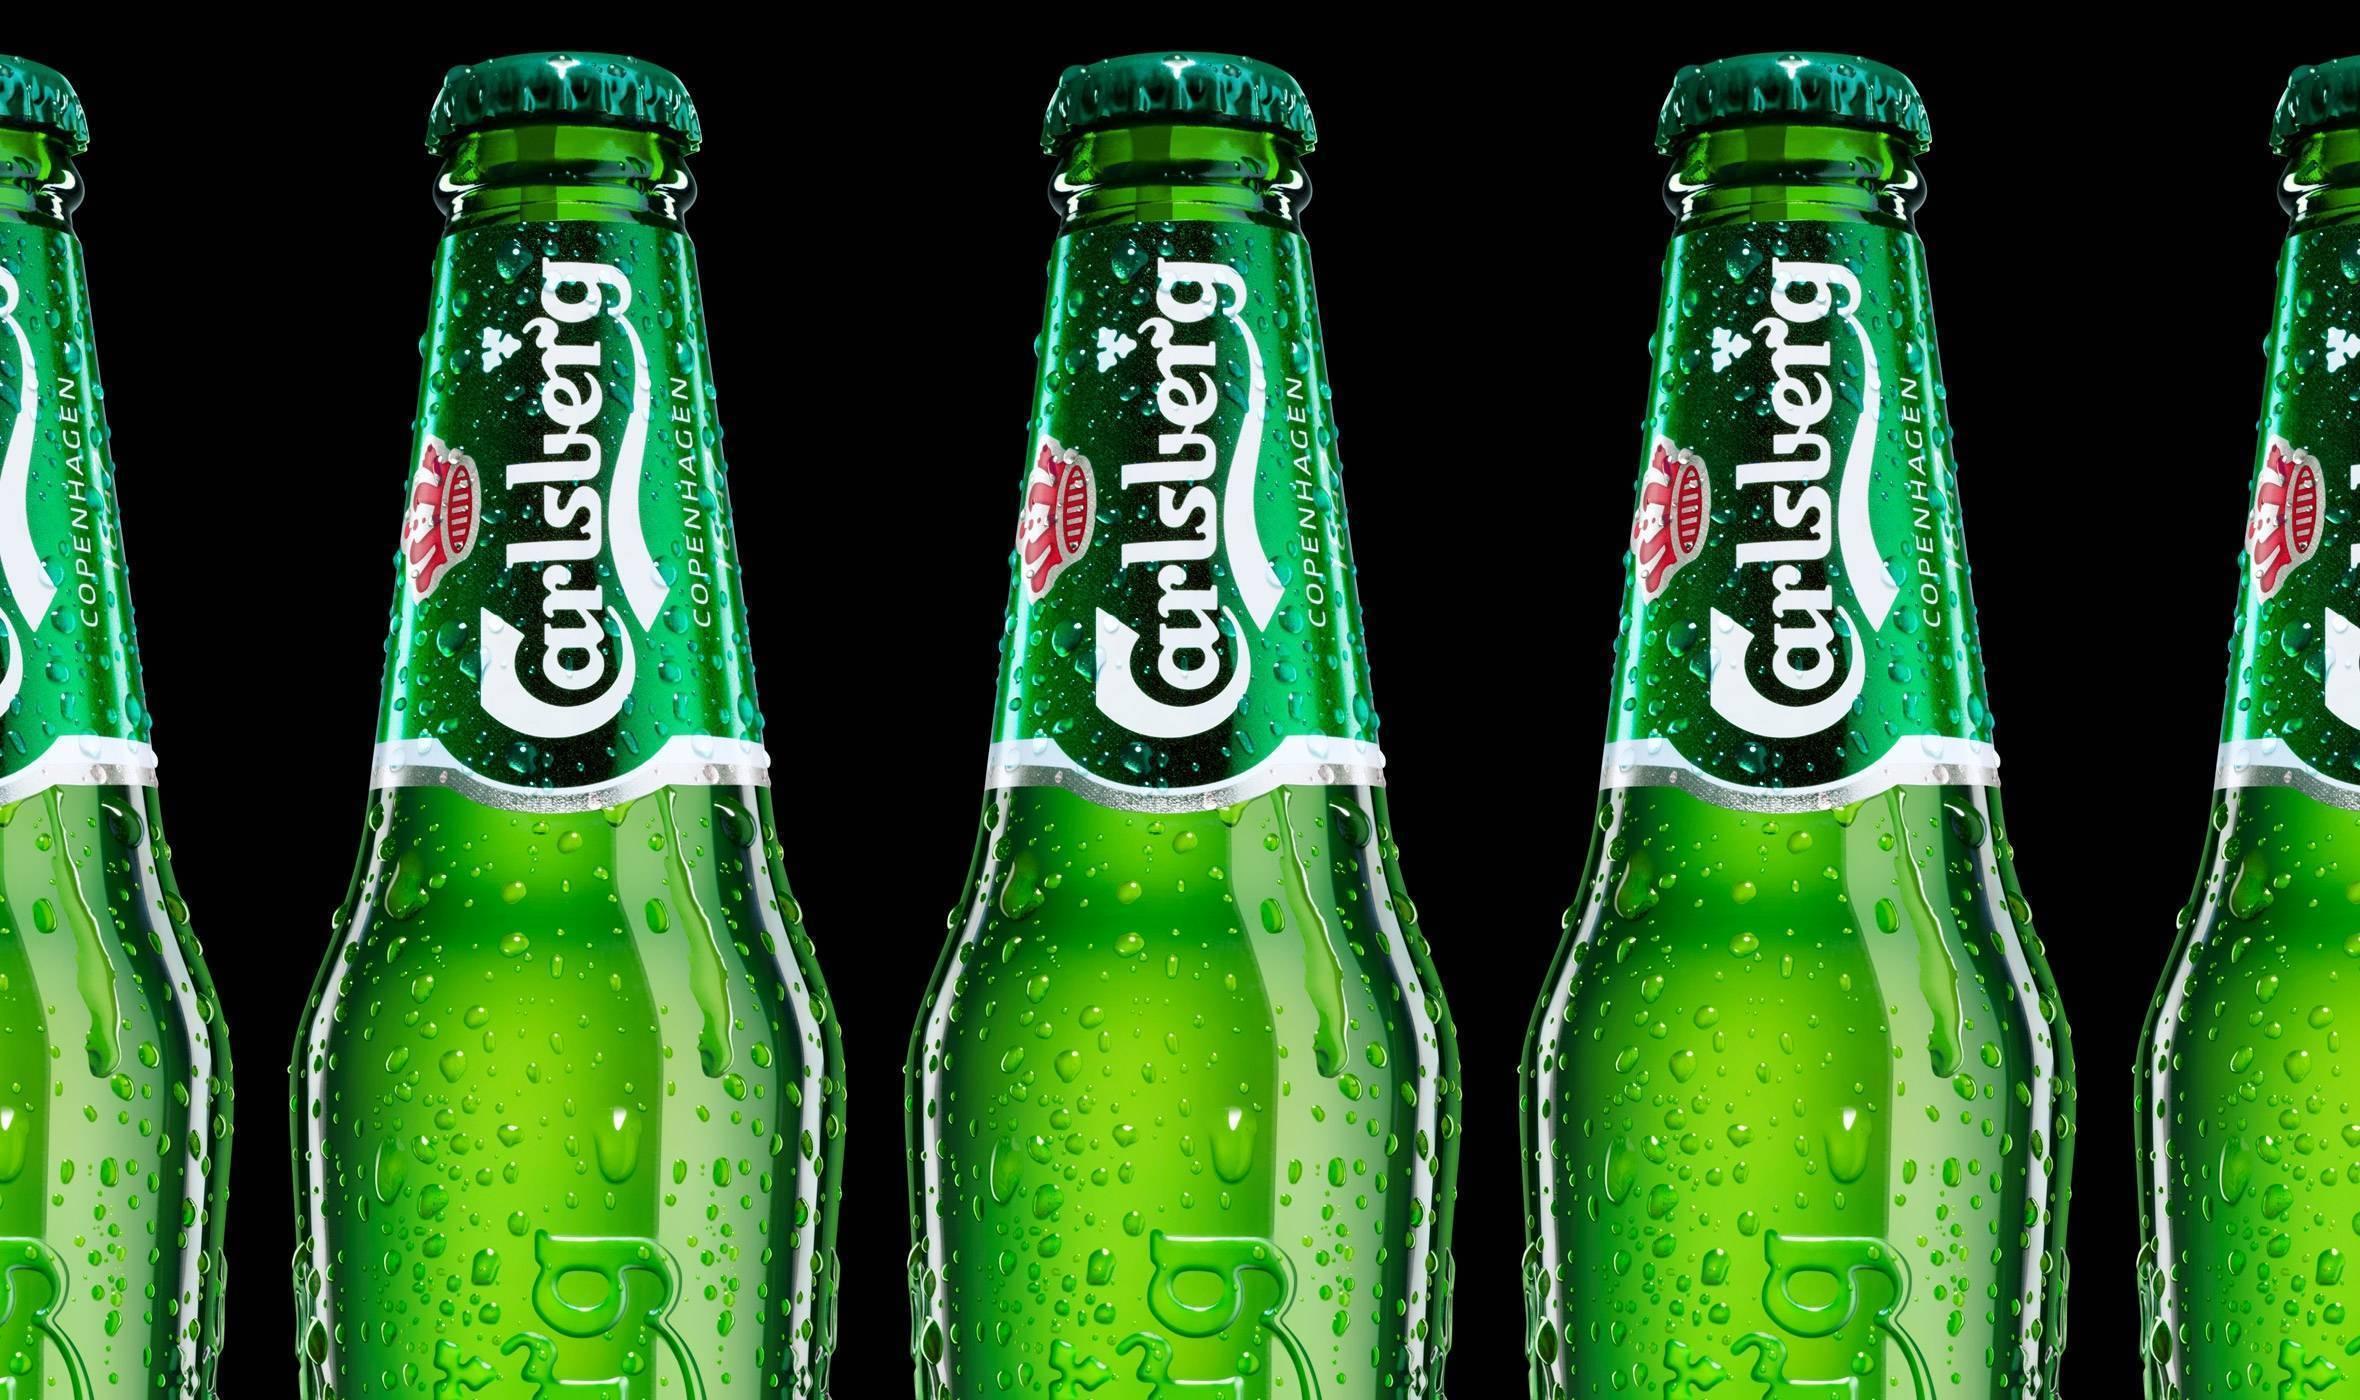 Пиво карлсберг в жестяных банках. сколько градусов в пиве карлсберг